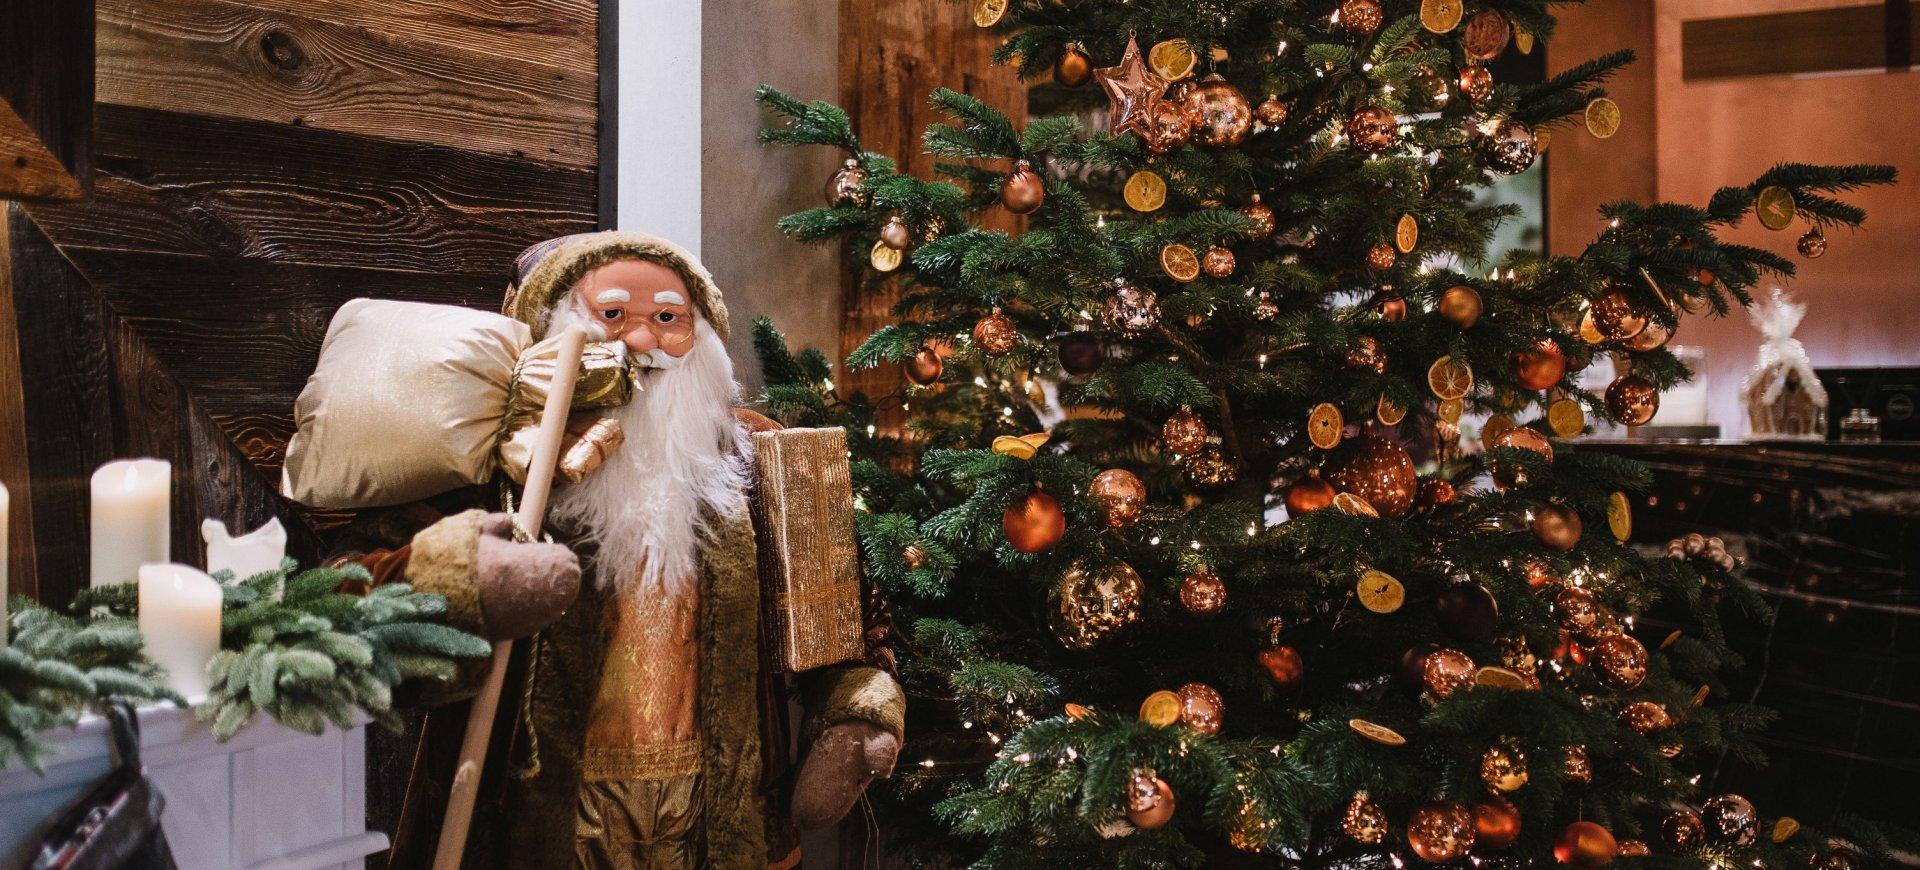 Pobyt biznesowy w czasie Świąt